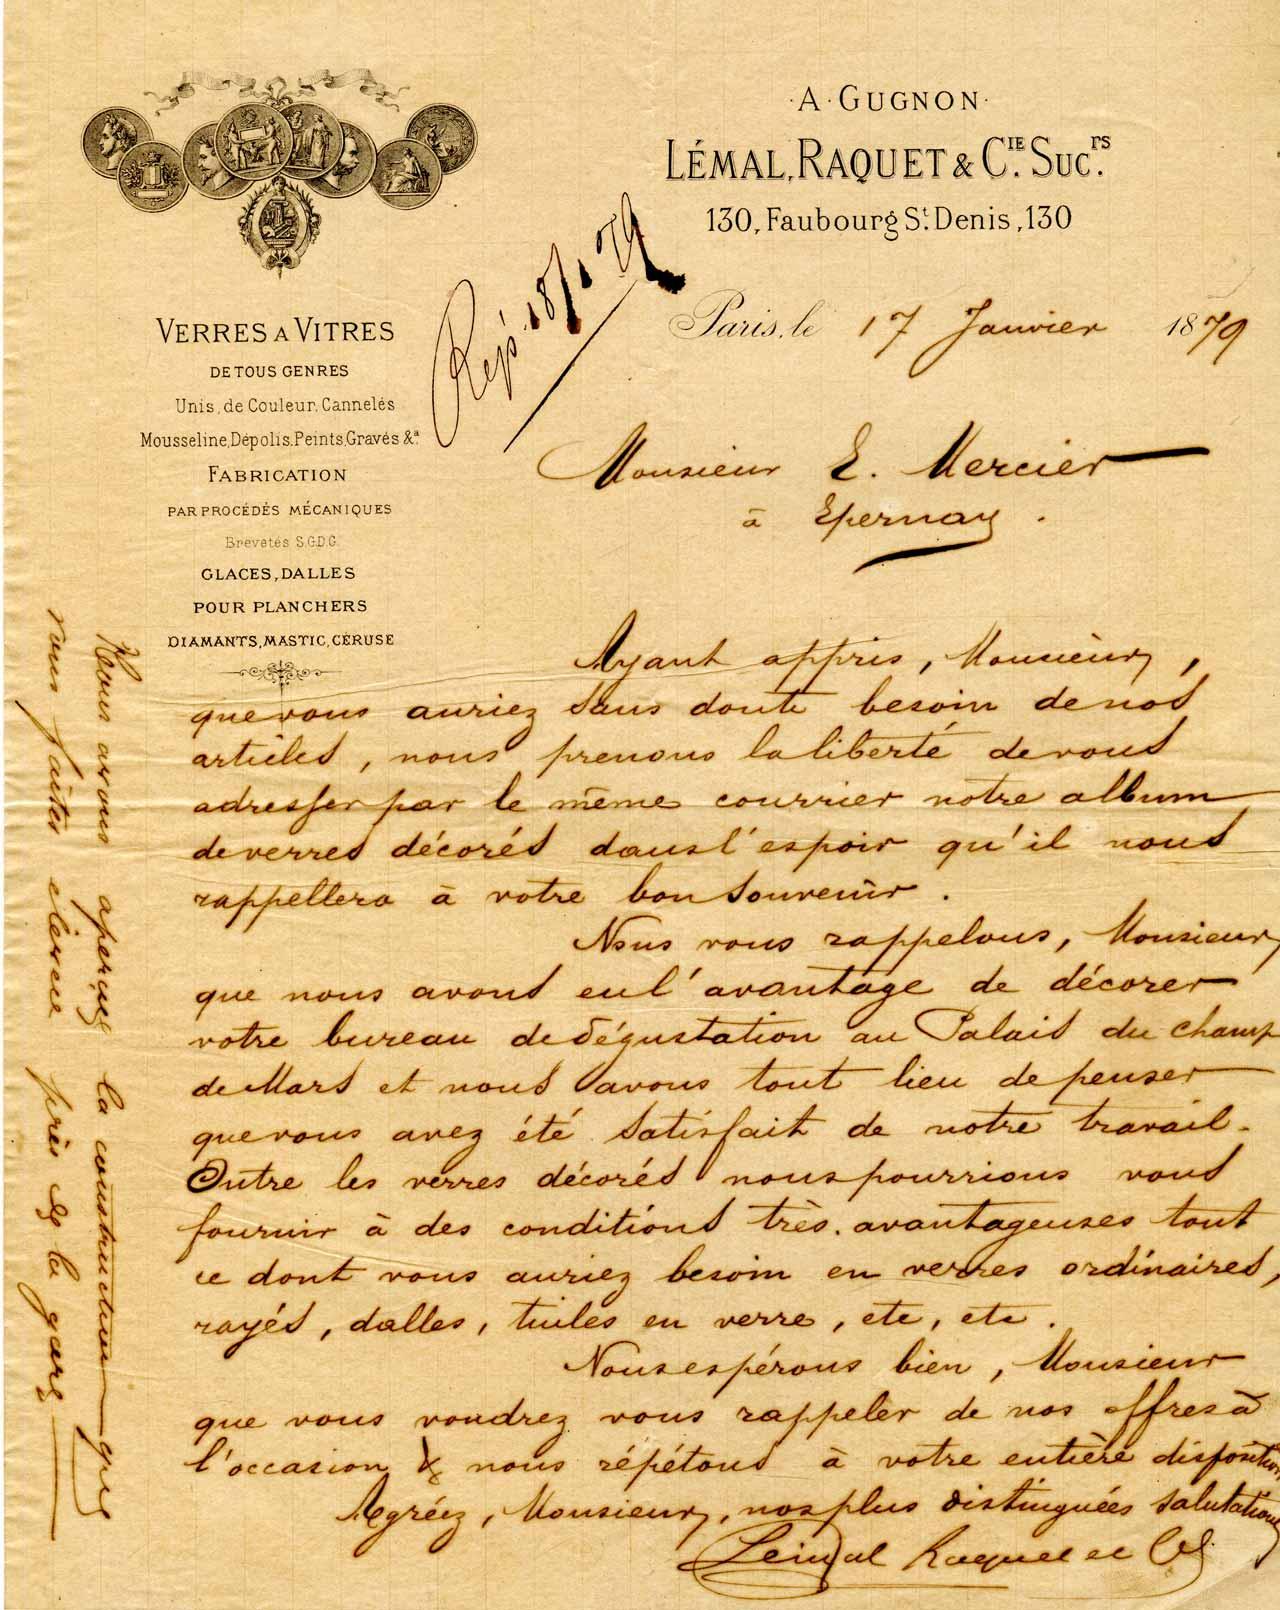 lettre commerciale Lemal et raquet 1879